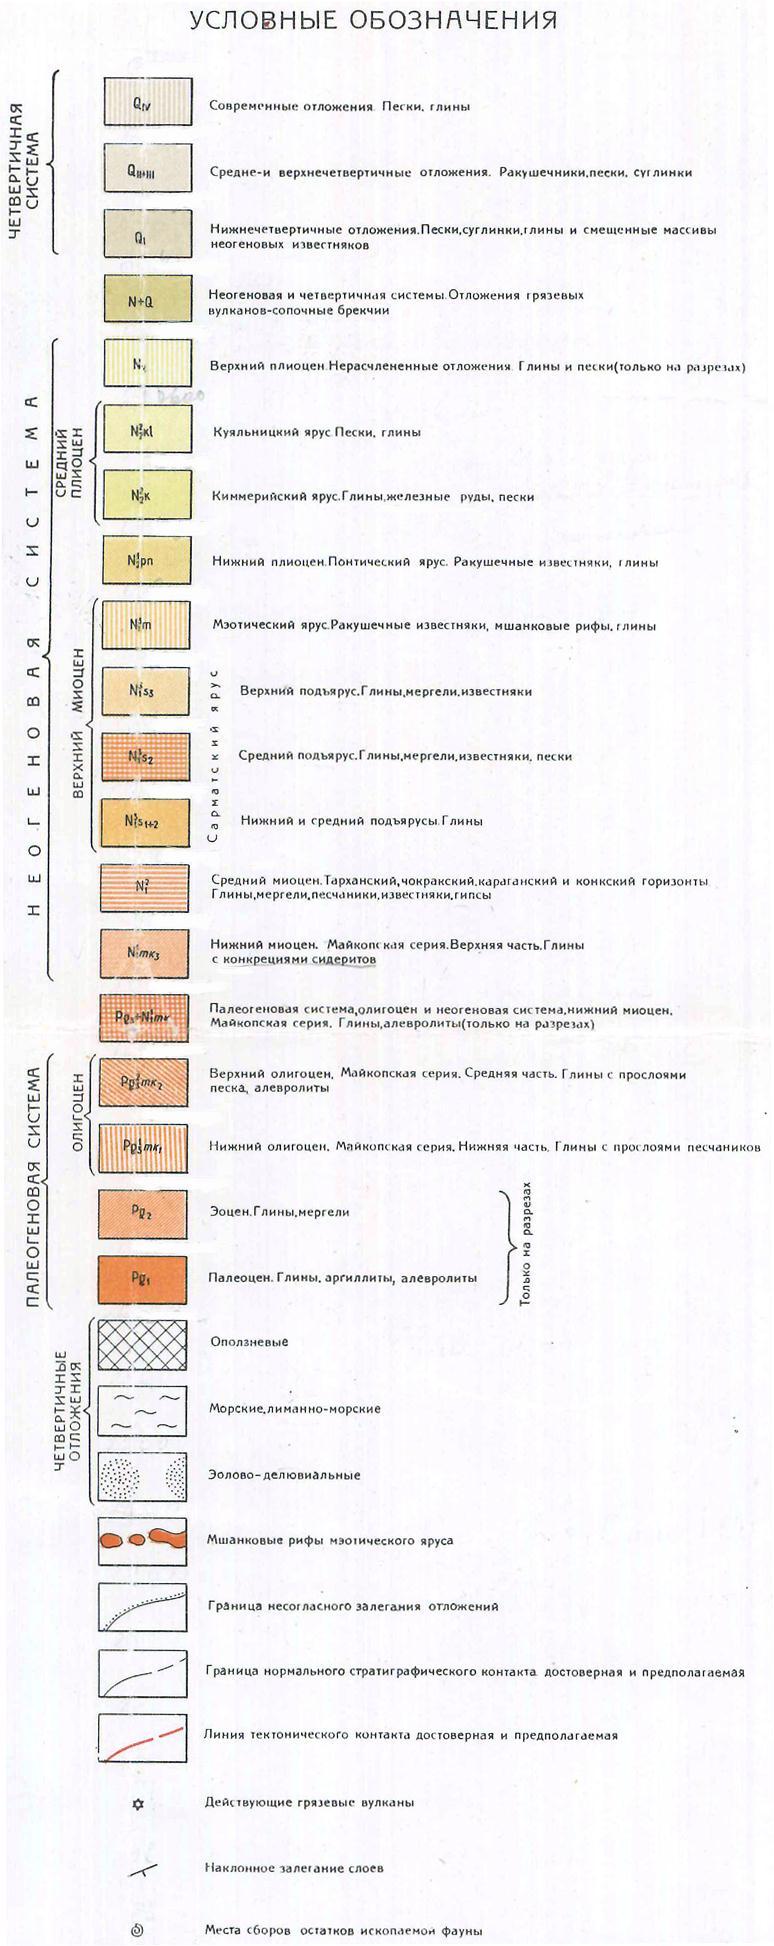 Обозначения на схемах грии